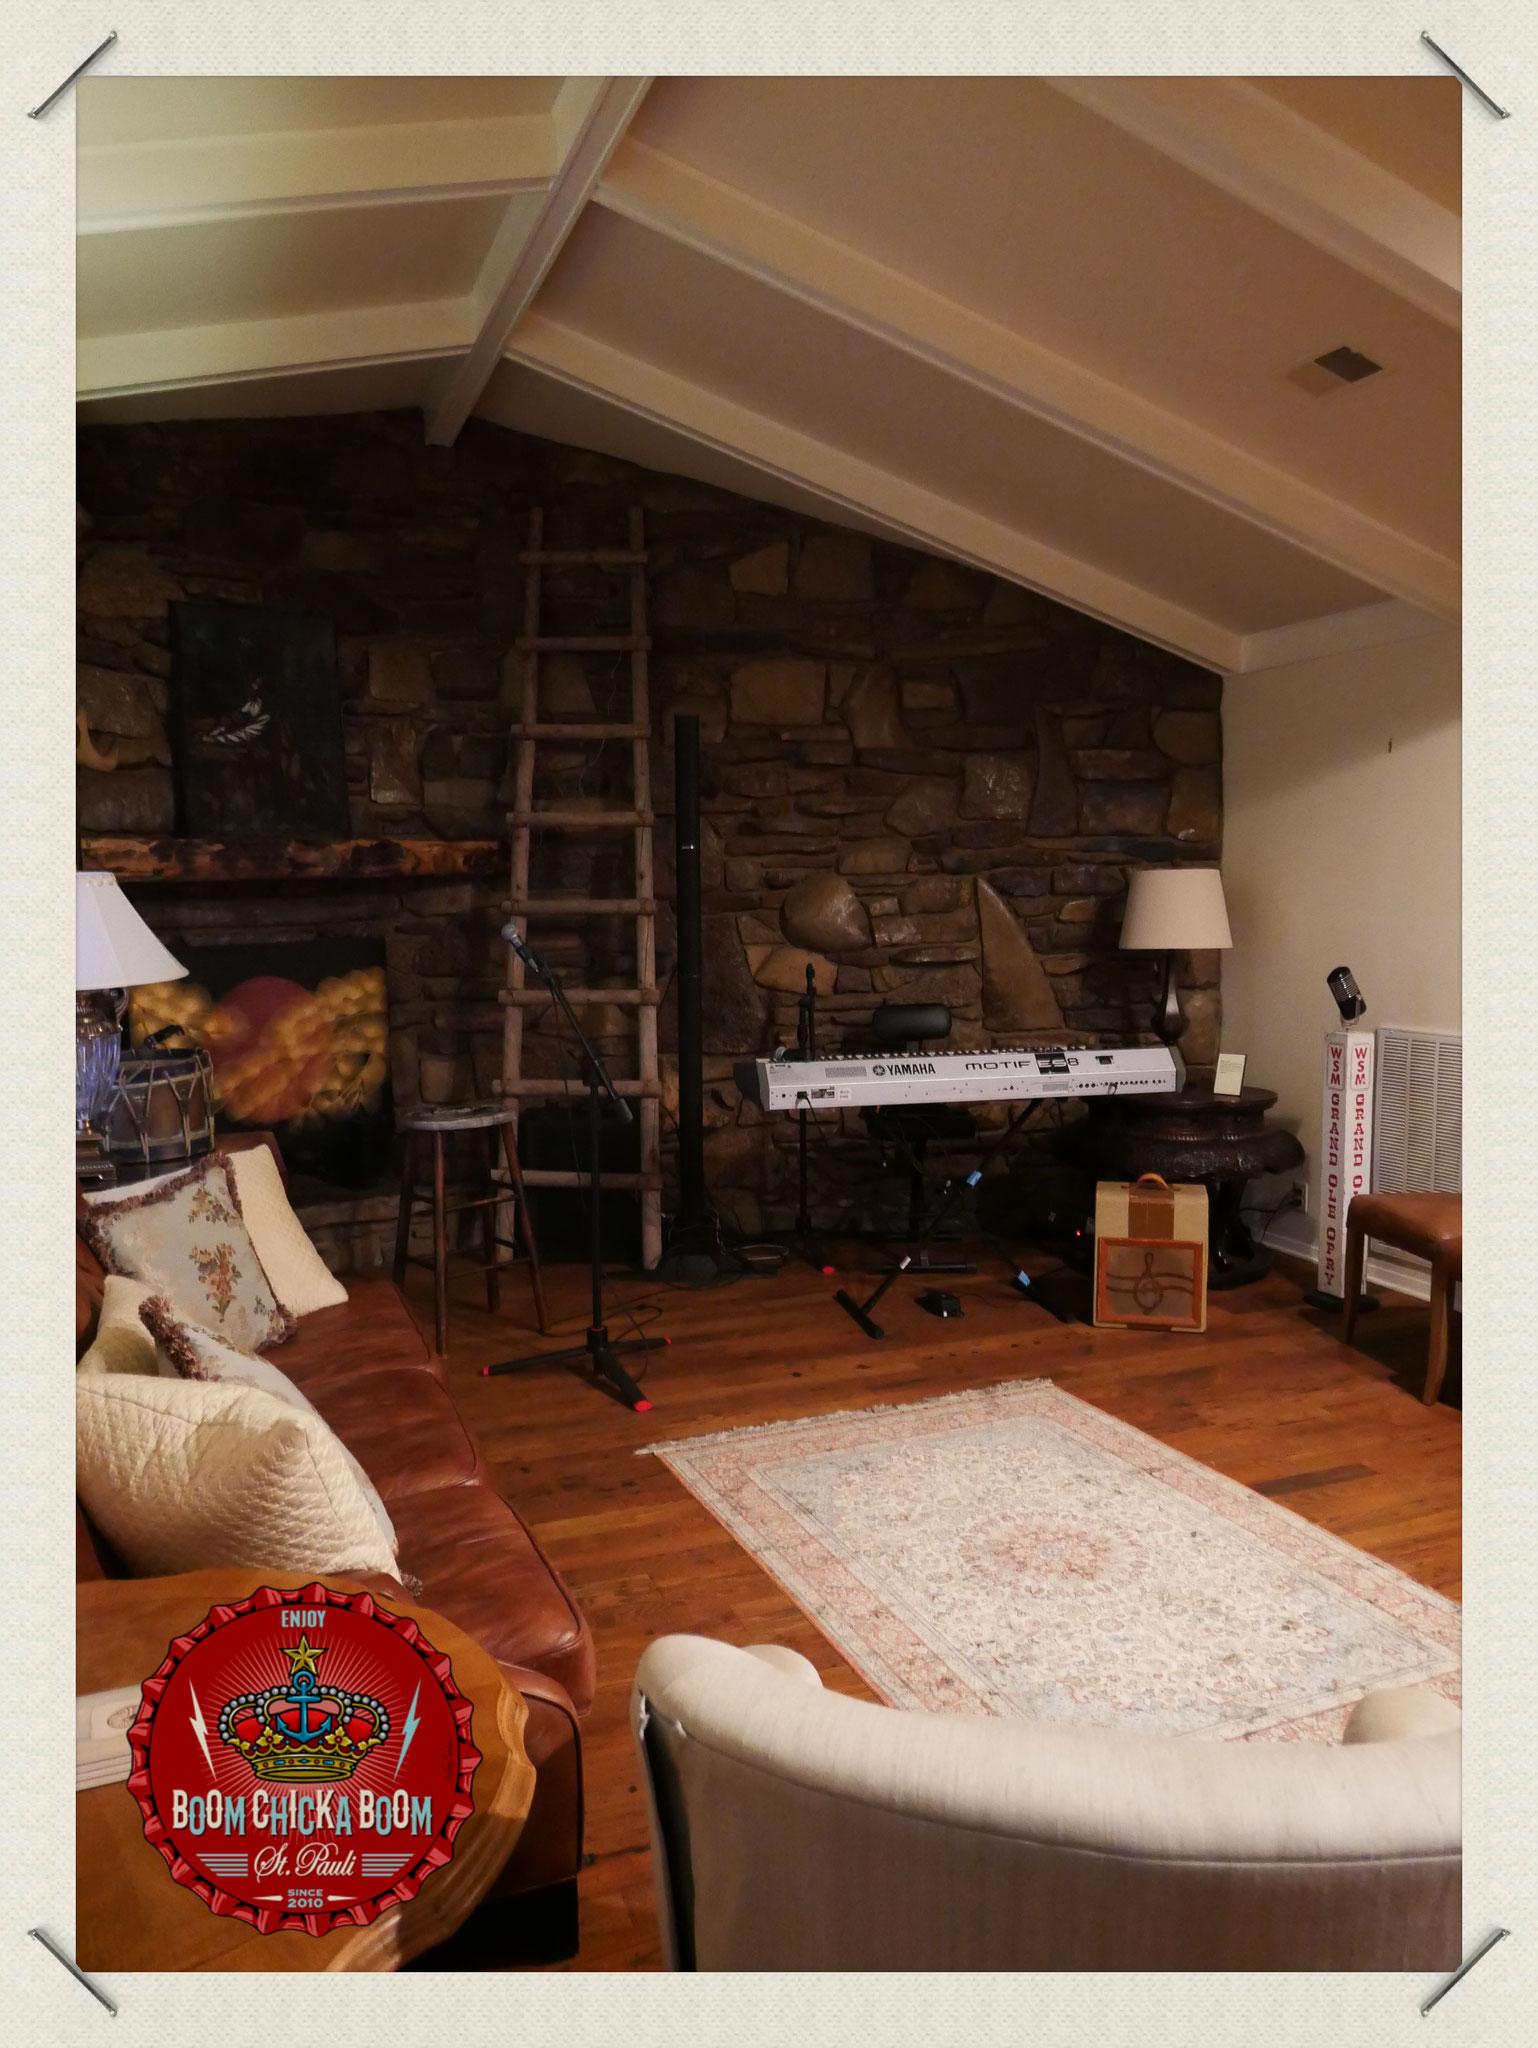 An dieser Wand nahm Johnny den Rest der Recordings auf, da er zu schwach war in seinem Haus zu wohnen.